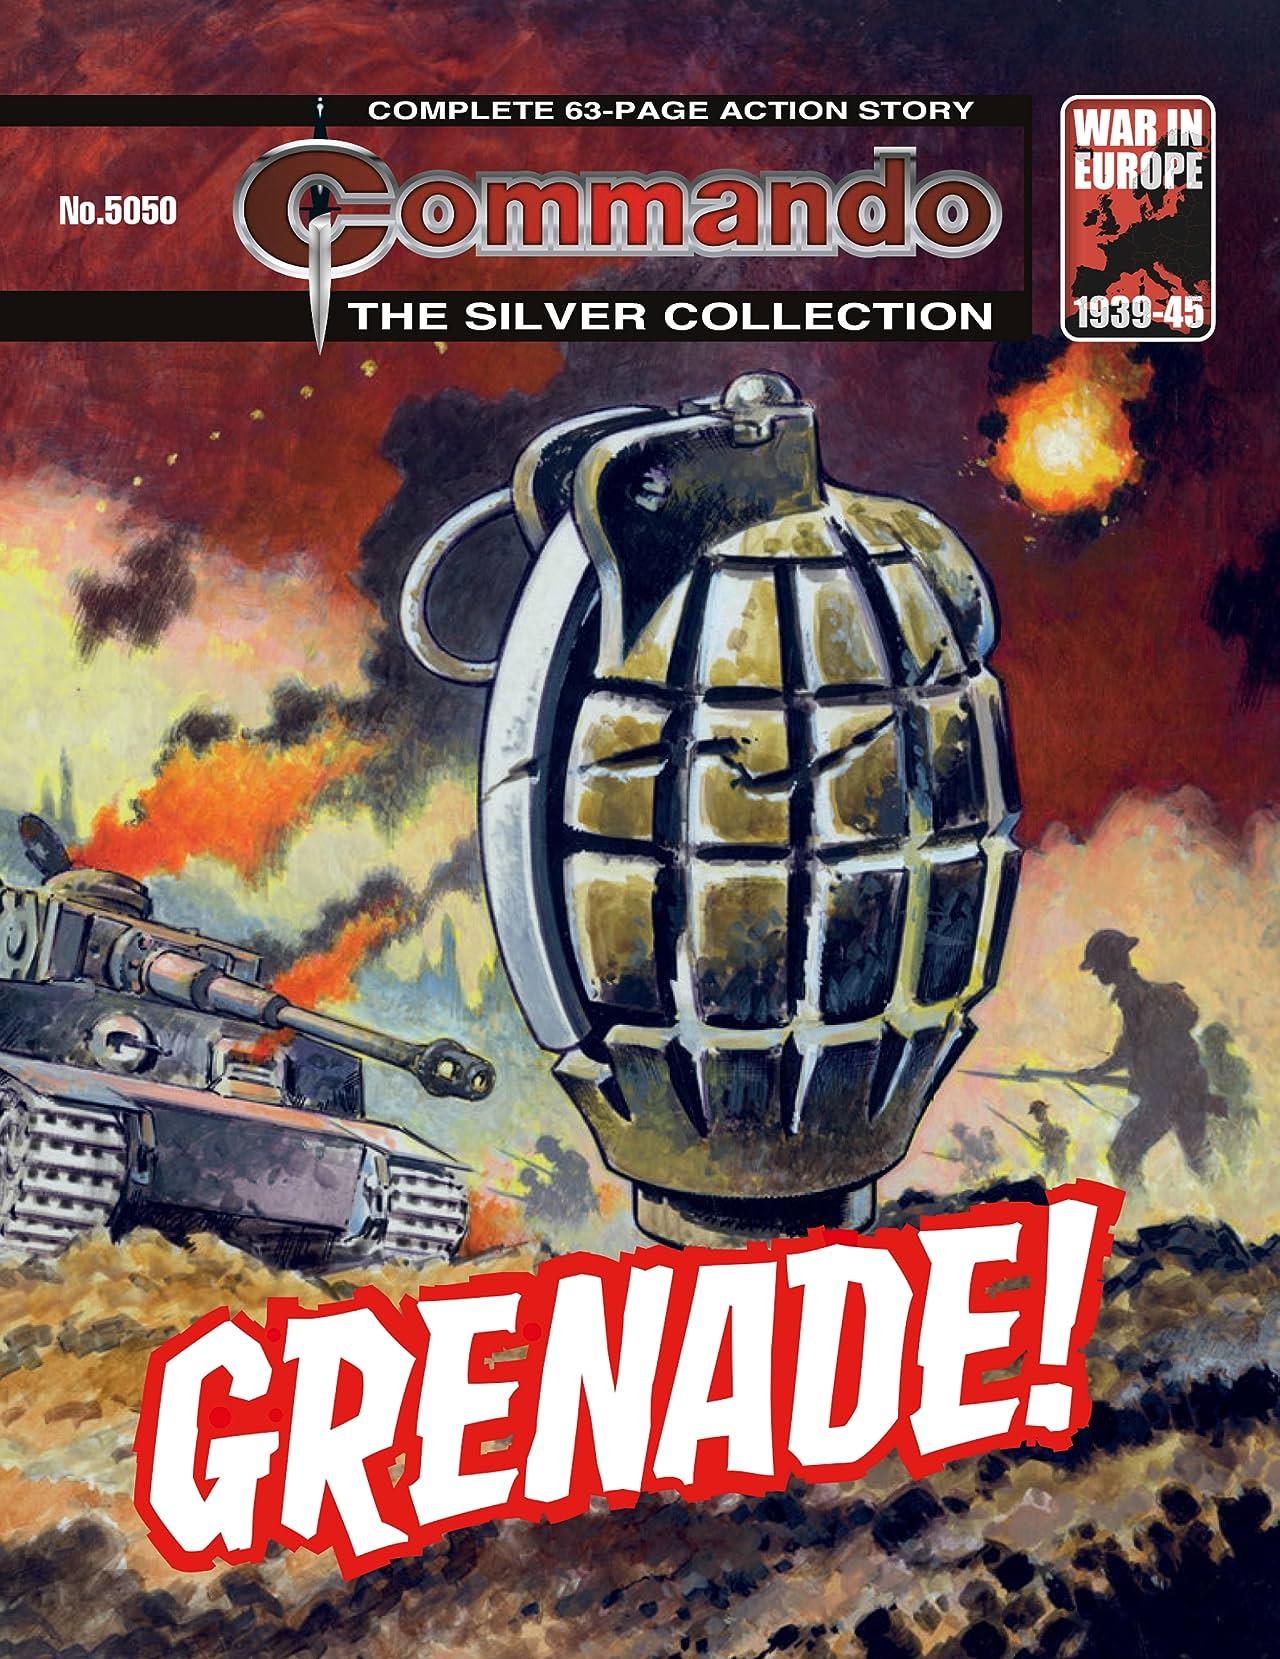 Commando #5050: Grenade!